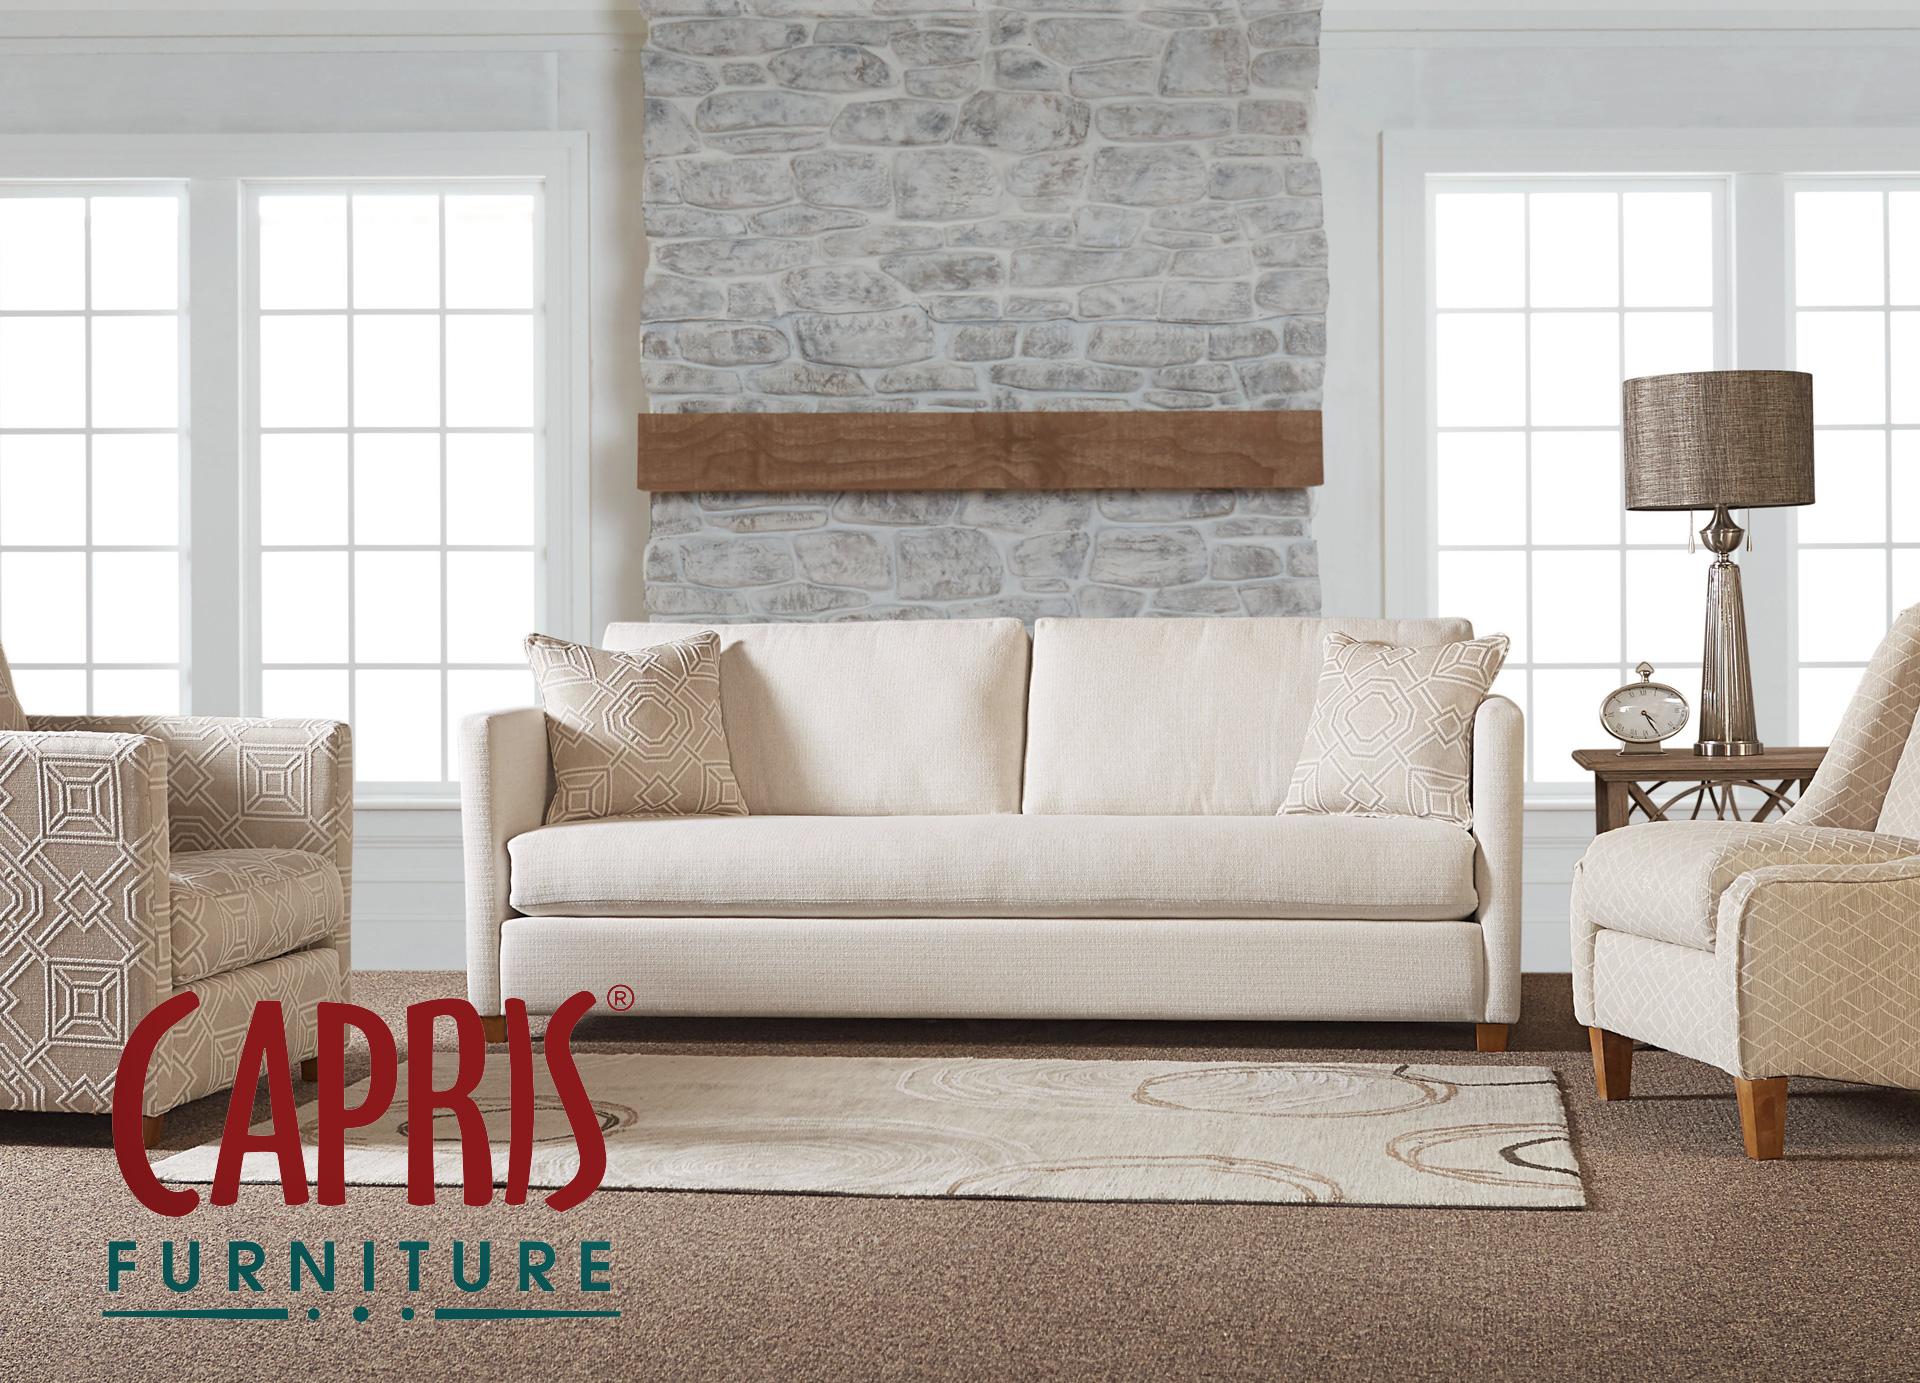 central-florida-fine-interiors-showroom-capris-furniture